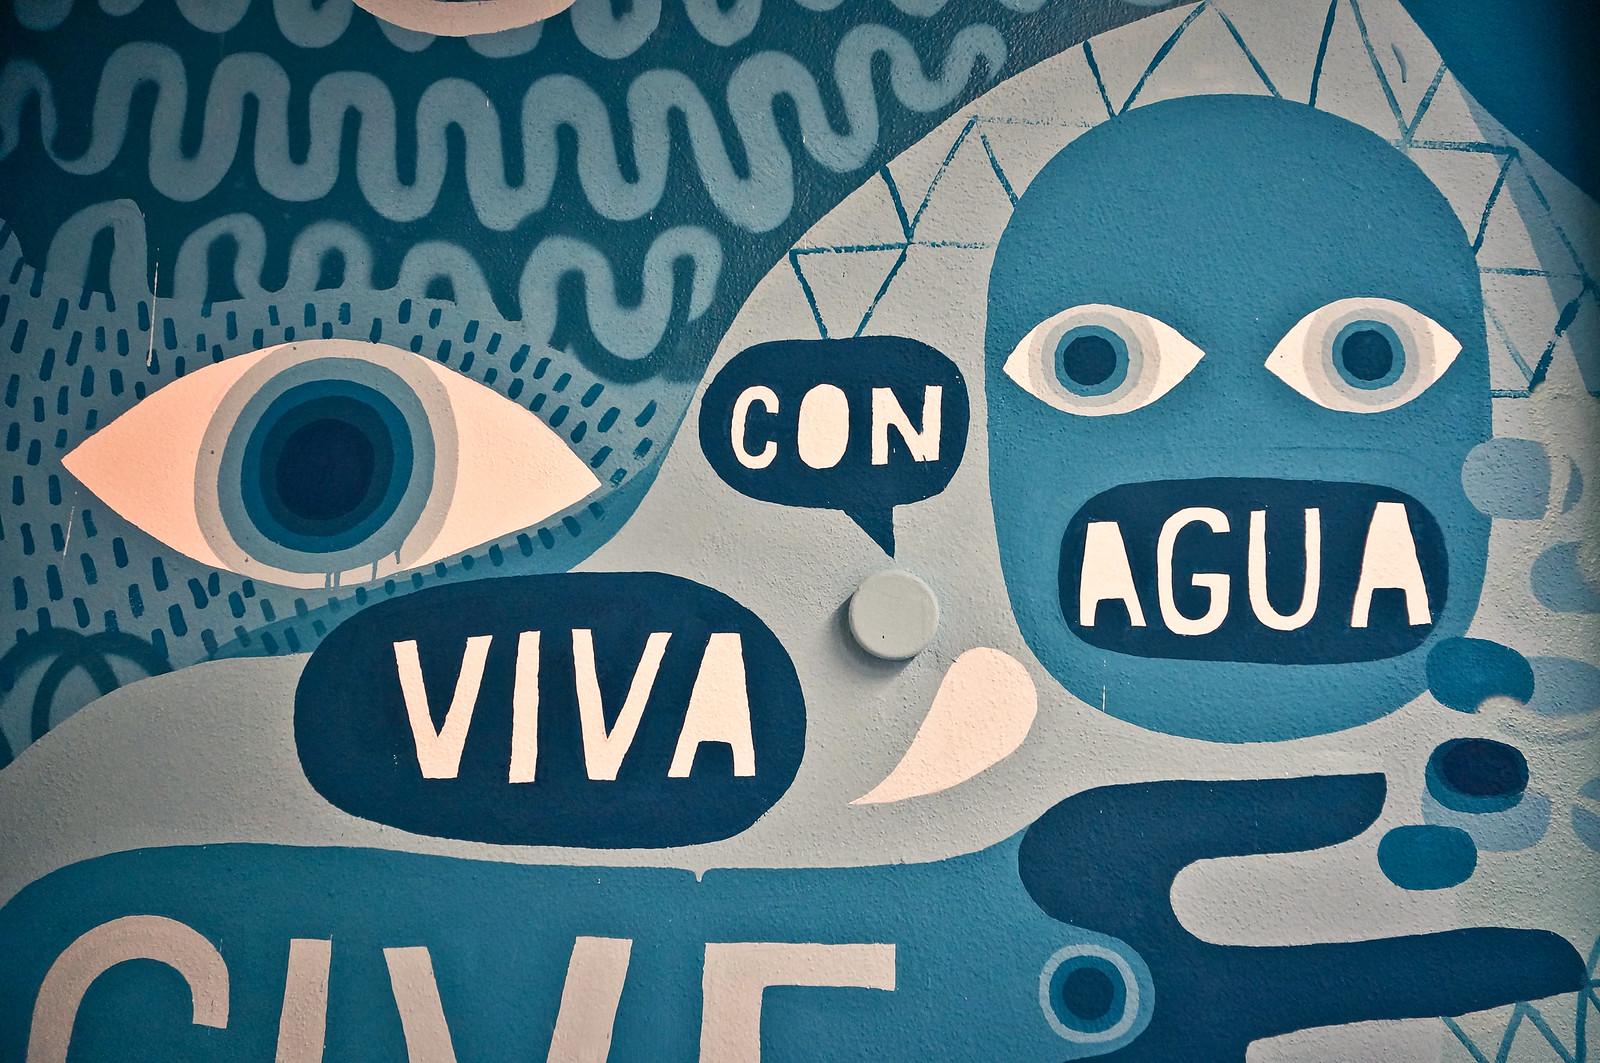 Millerntor Gallery Viva con Agua Hamburg